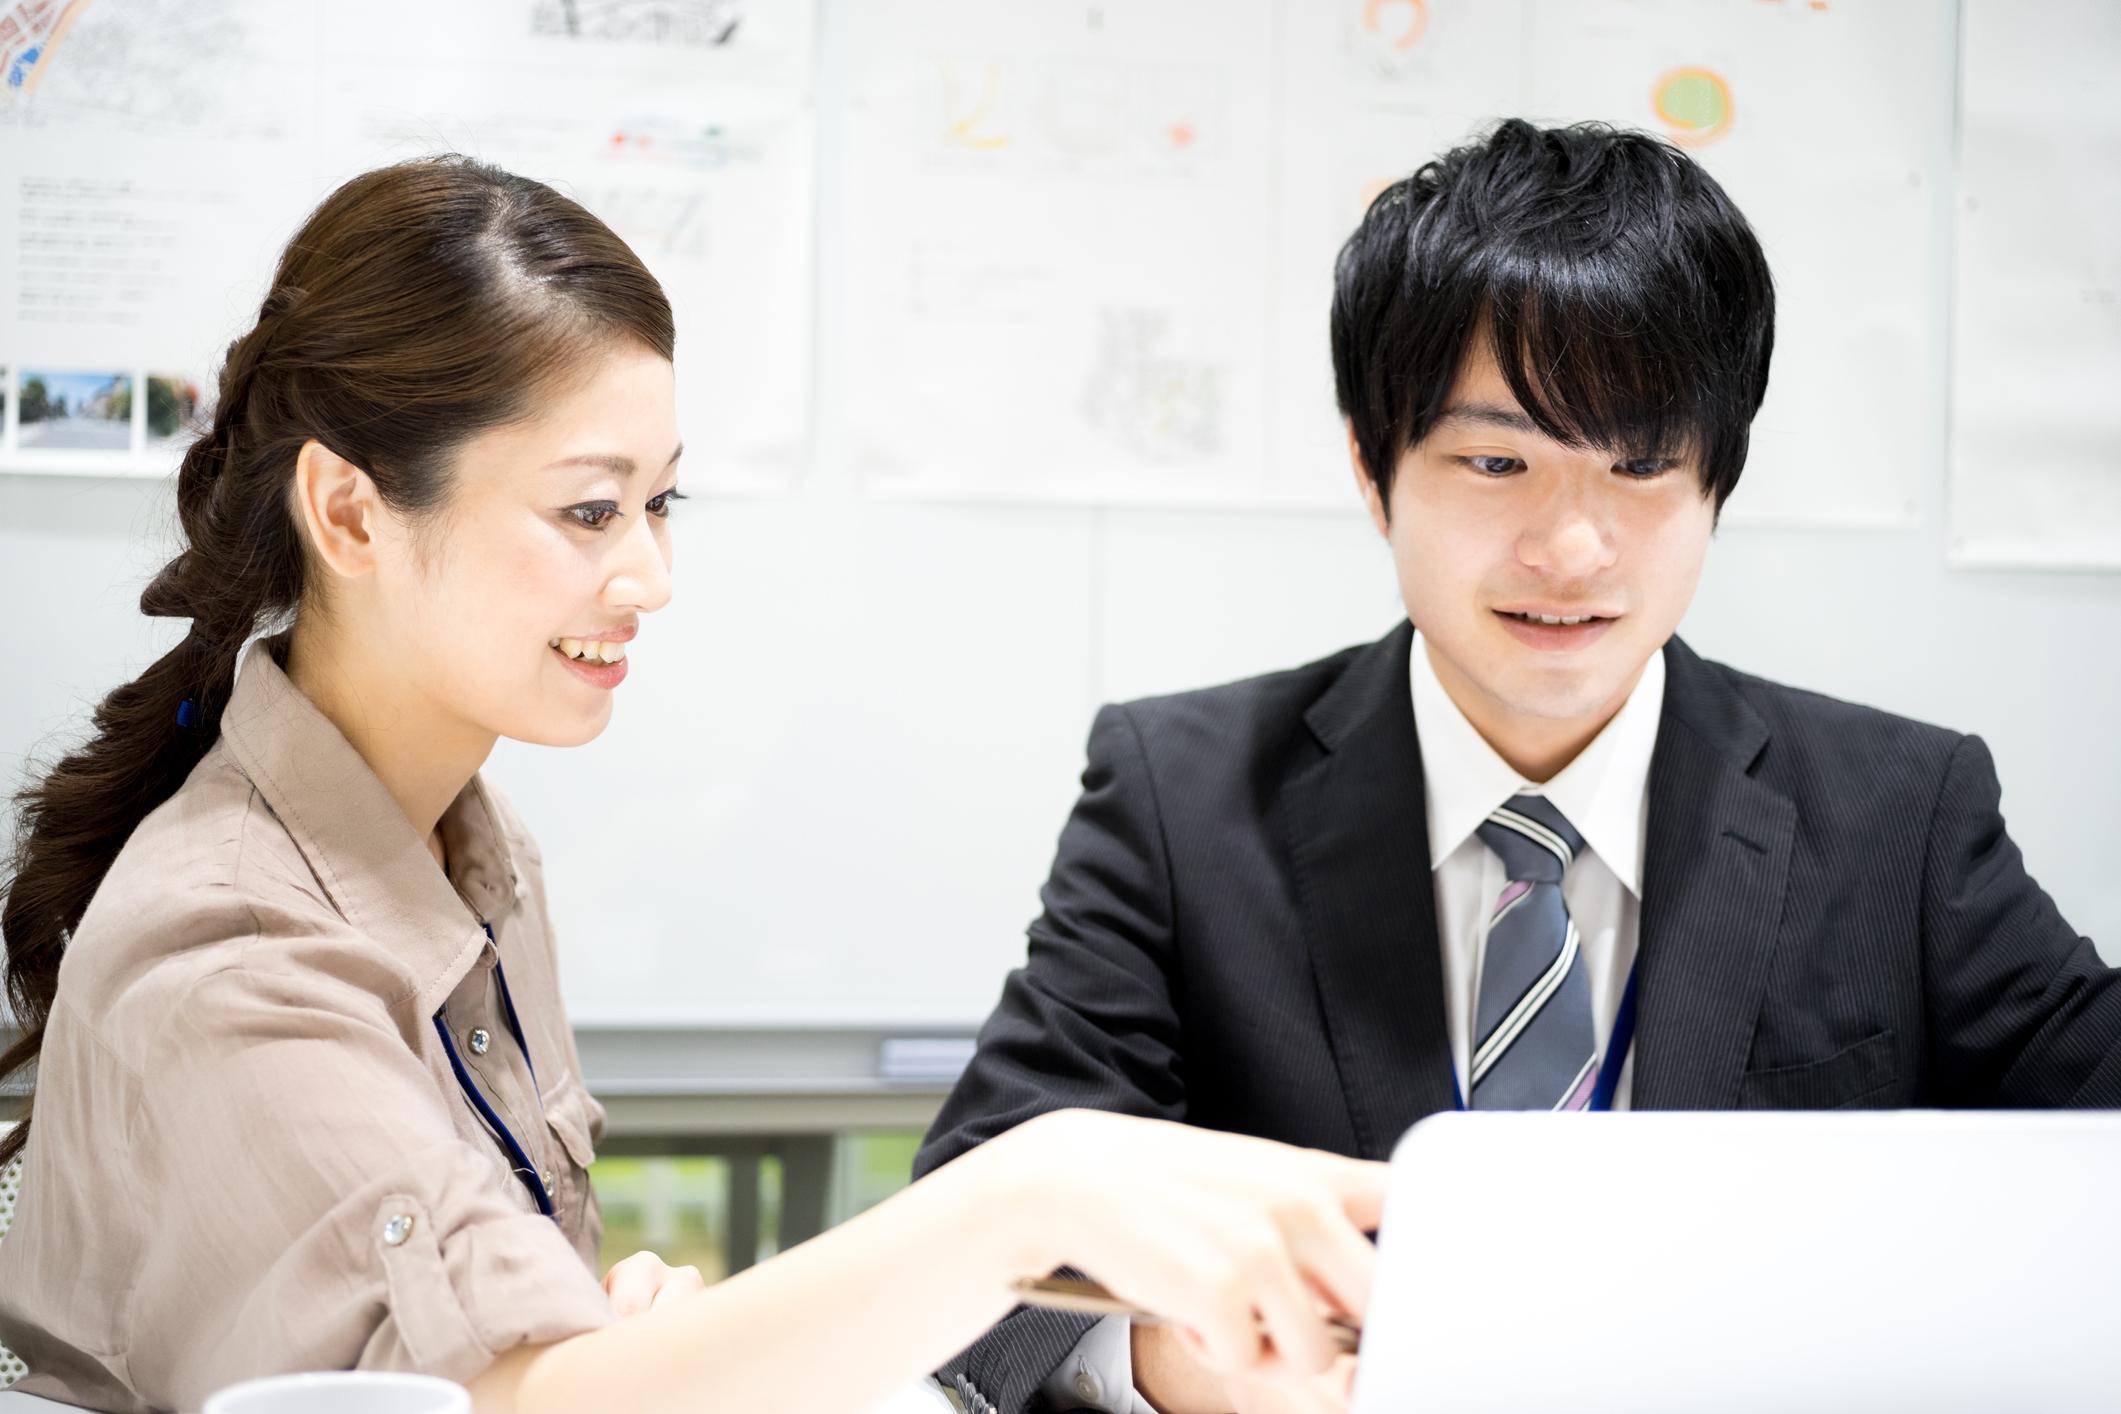 新入社員受け入れと新人教育